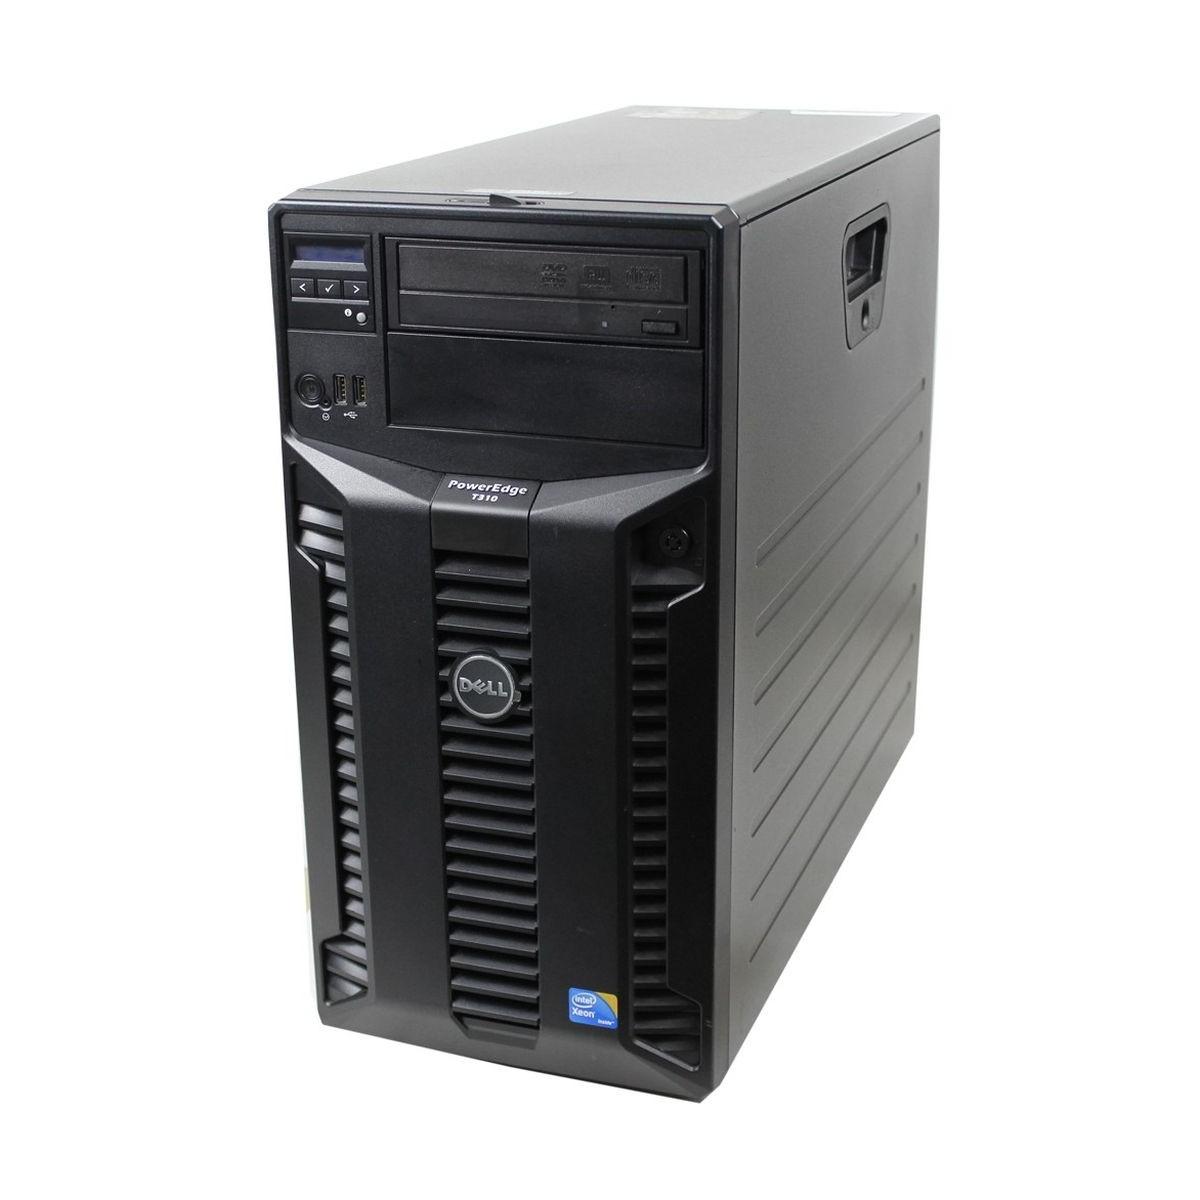 DELL T310 x3450 2.66QC 8GB 0HDD PERC 6i 2xPSU